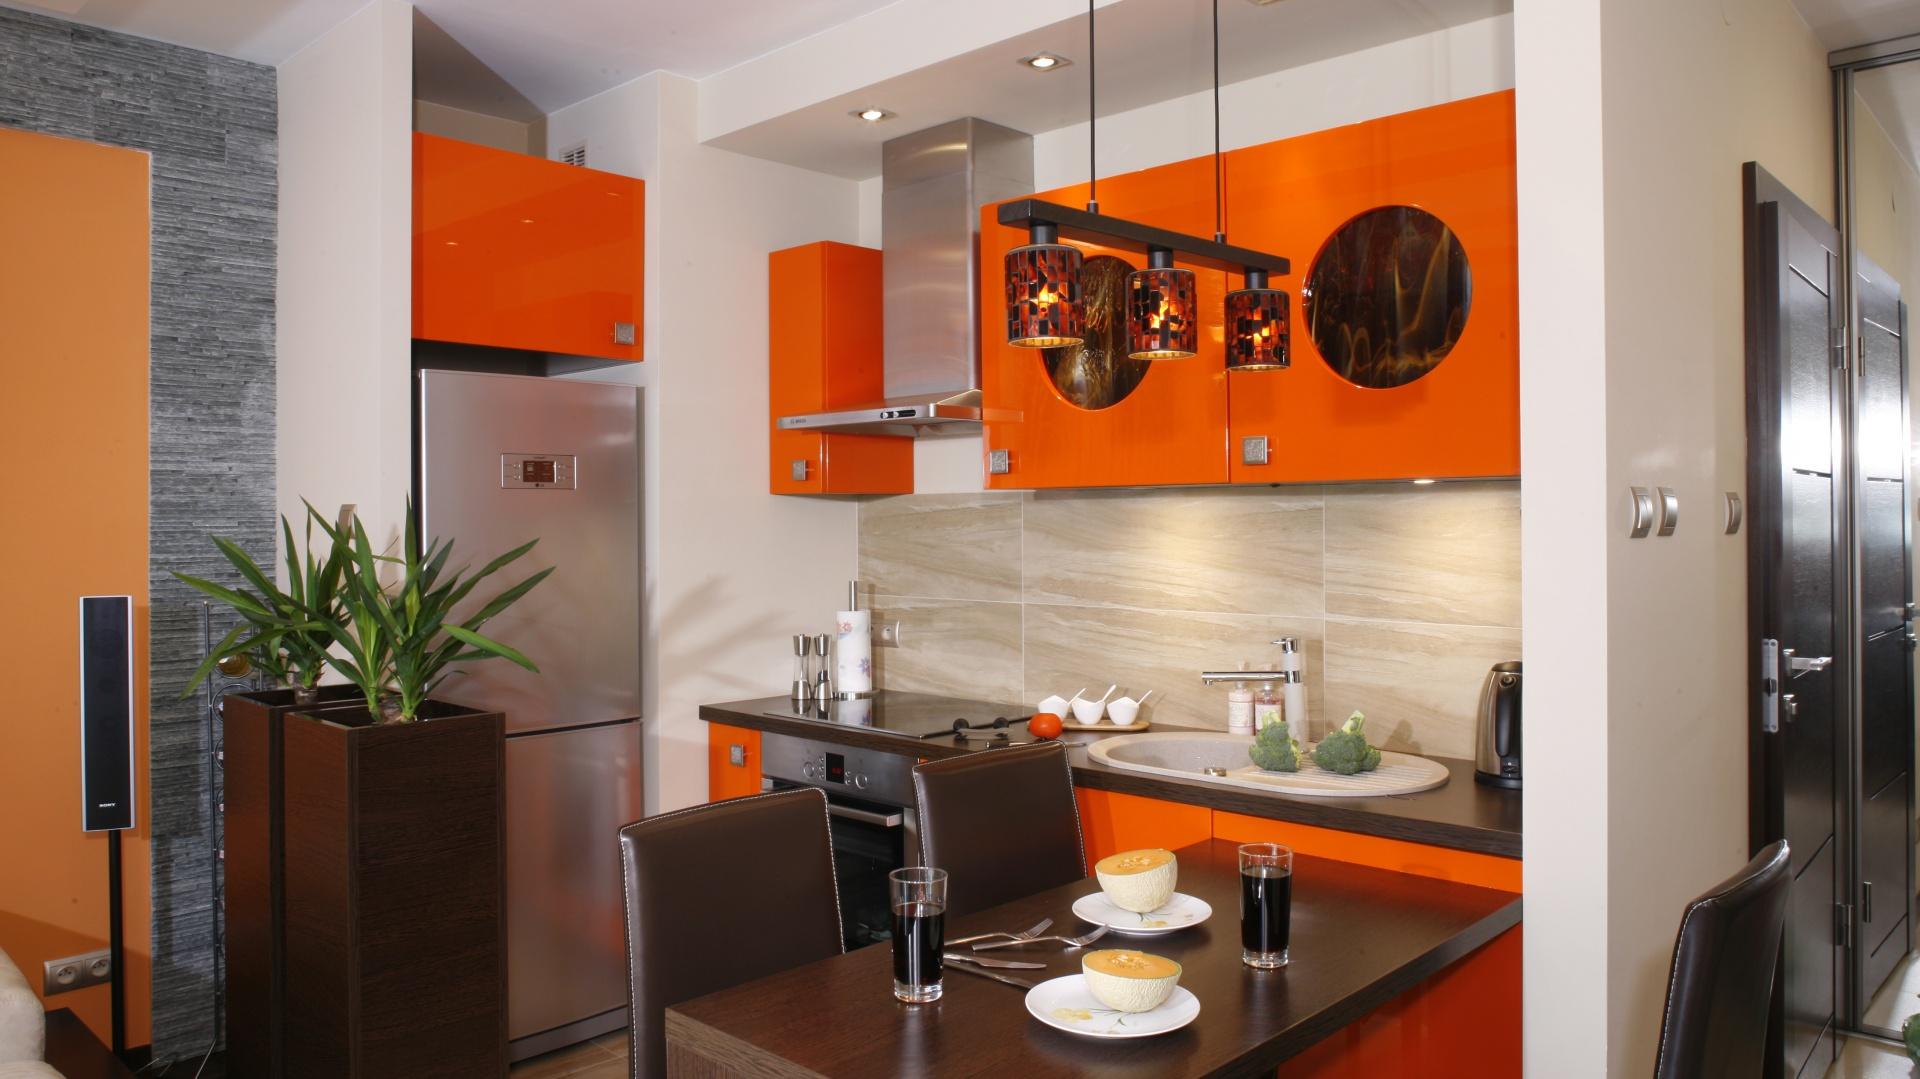 Najmocniejszy akcent Kuchnia z odrobiną pomarańczy   -> Kuchnia Kolor Sufitu